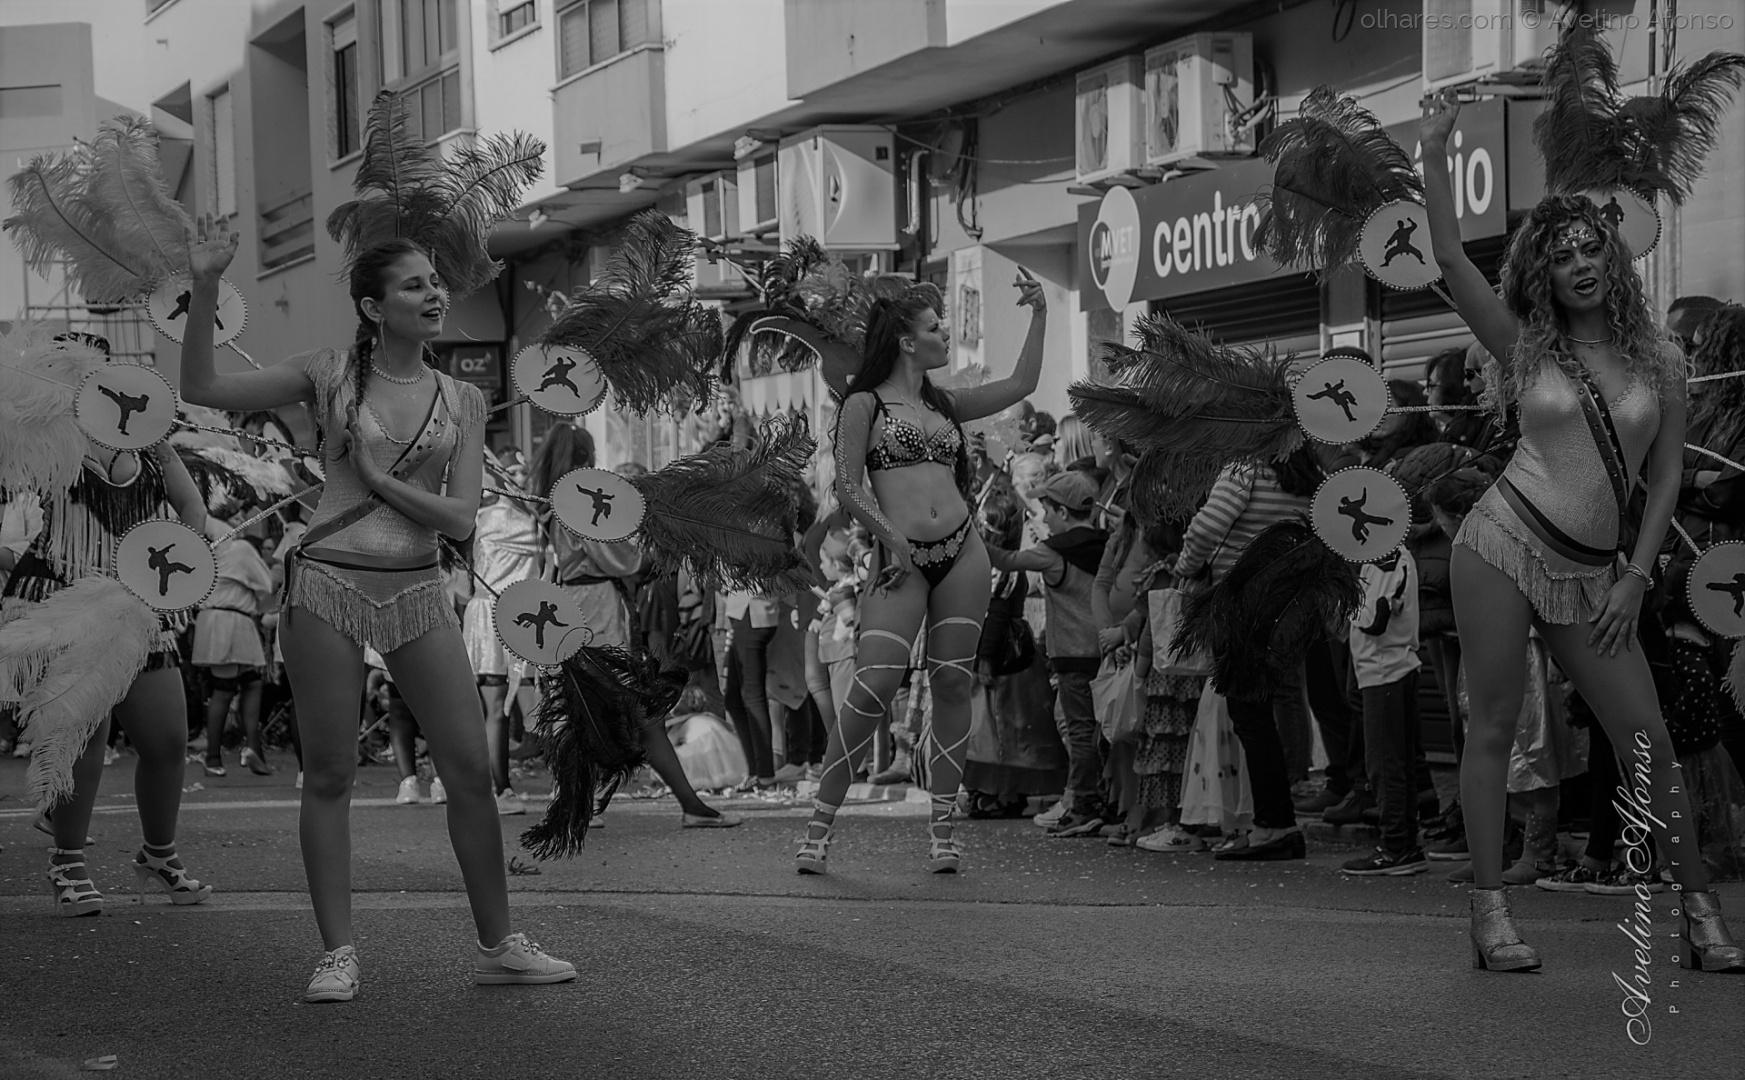 Espetáculos/Carnaval A.V.